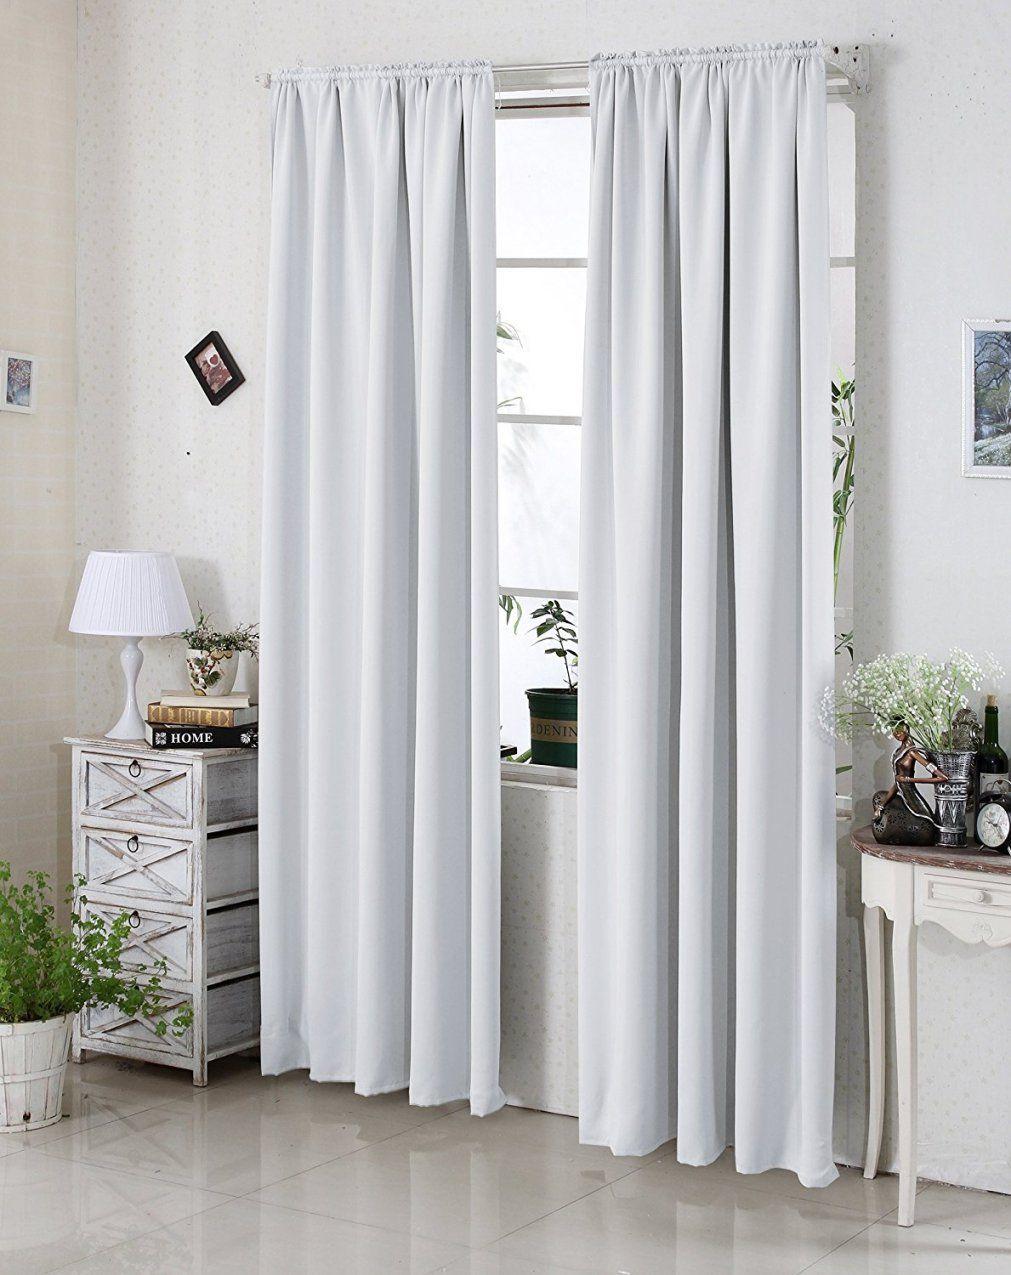 gnstige vorhnge online kaufen awesome senschal laura silbergrau with gnstige vorhnge online. Black Bedroom Furniture Sets. Home Design Ideas